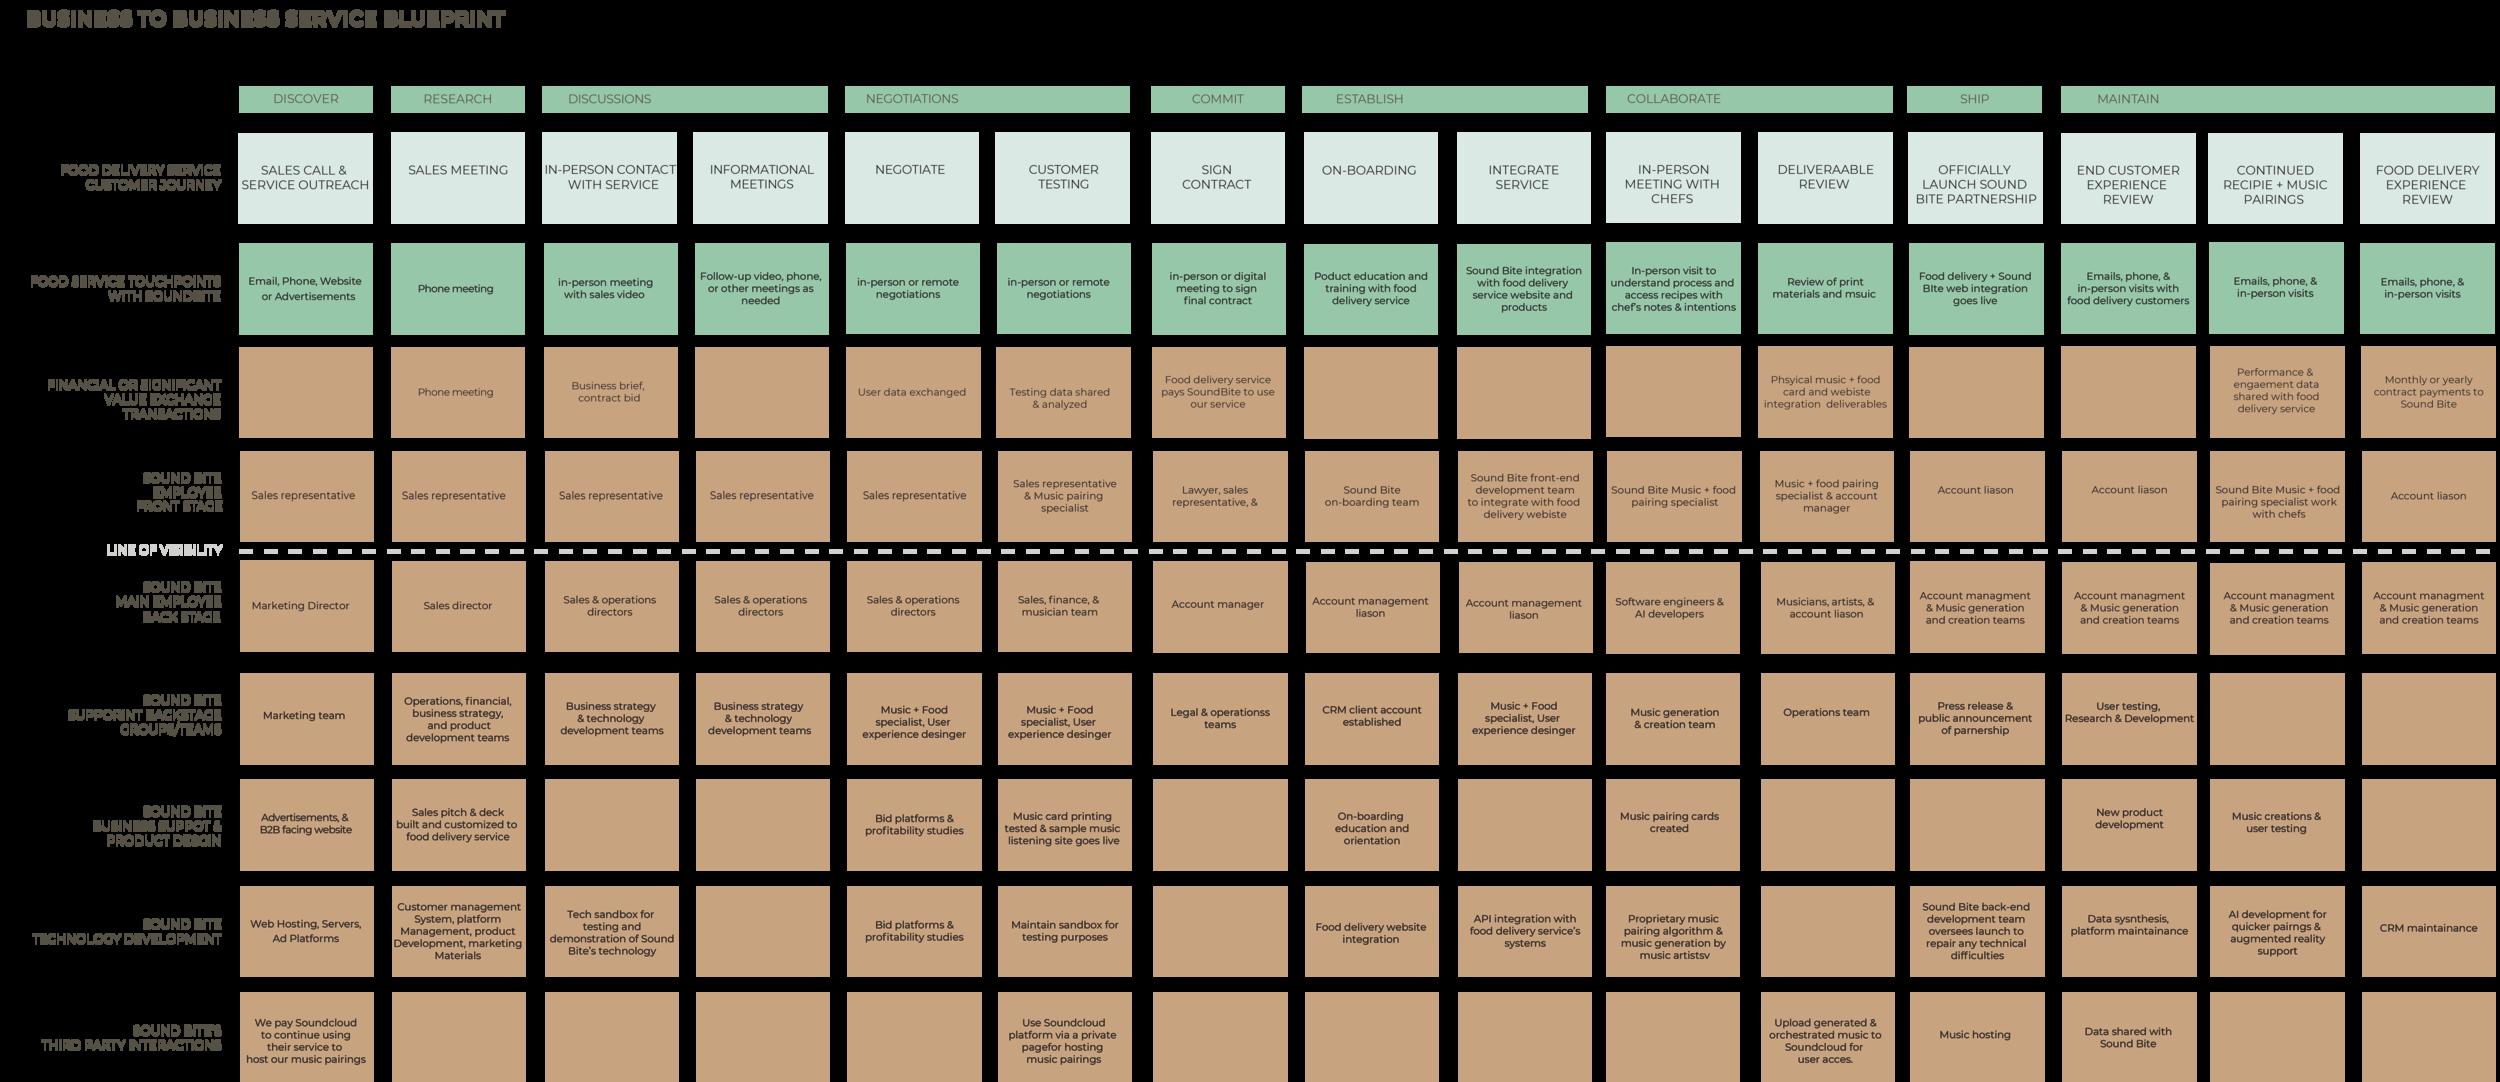 SoundBite_B2B_serviceBlueprint (1).png